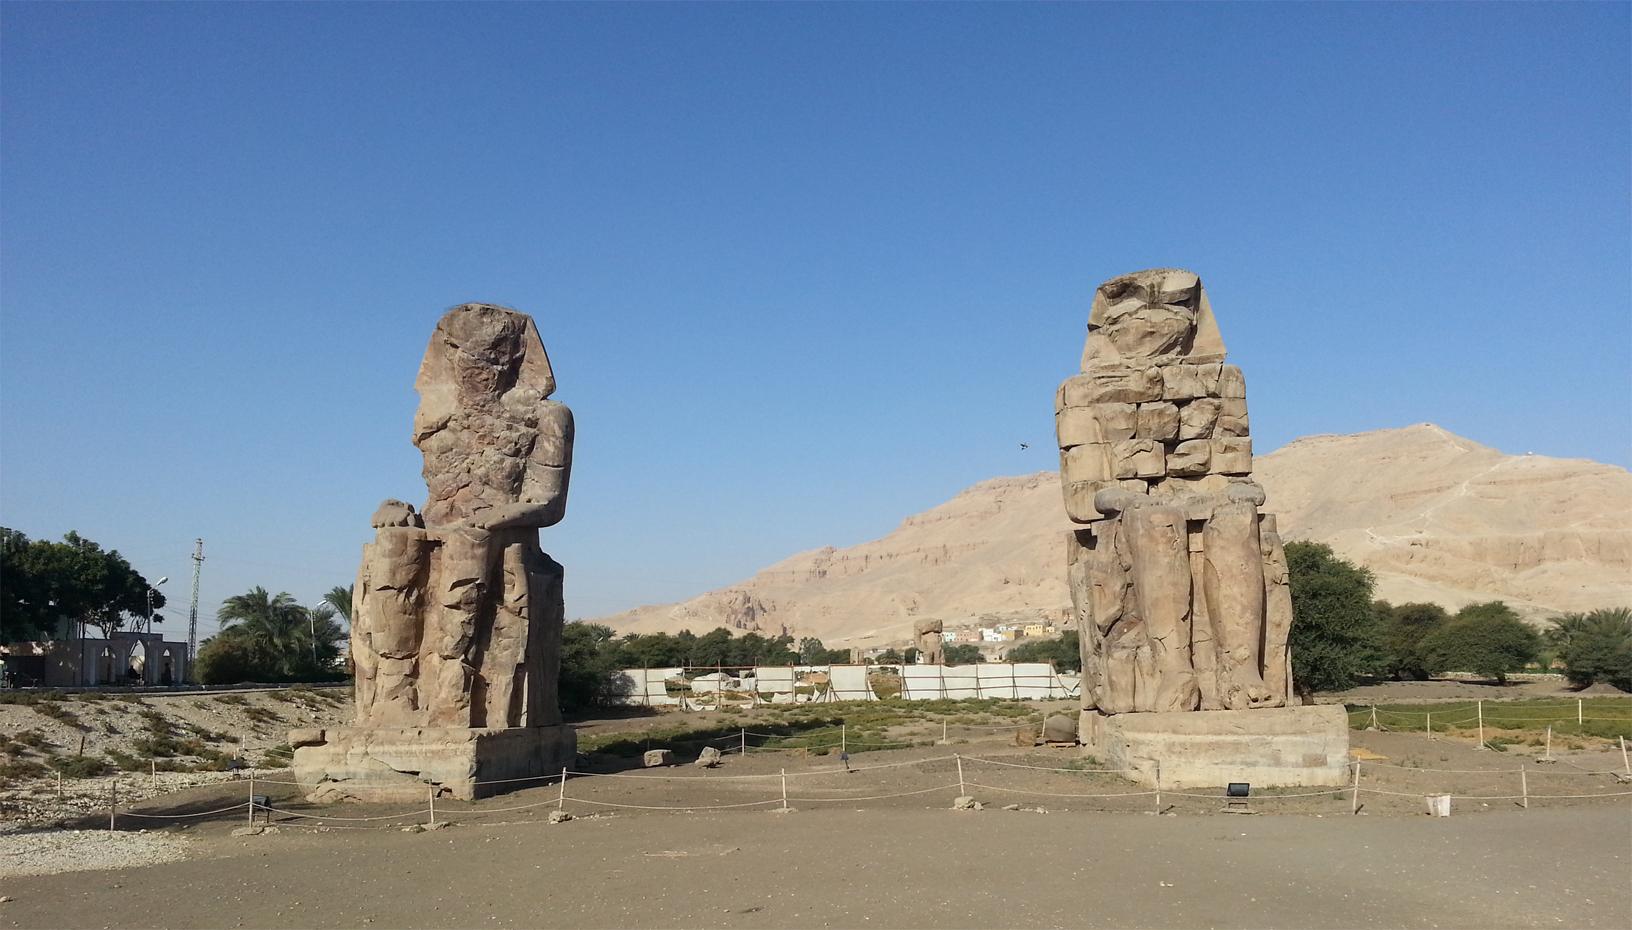 Memnon Colossi tour